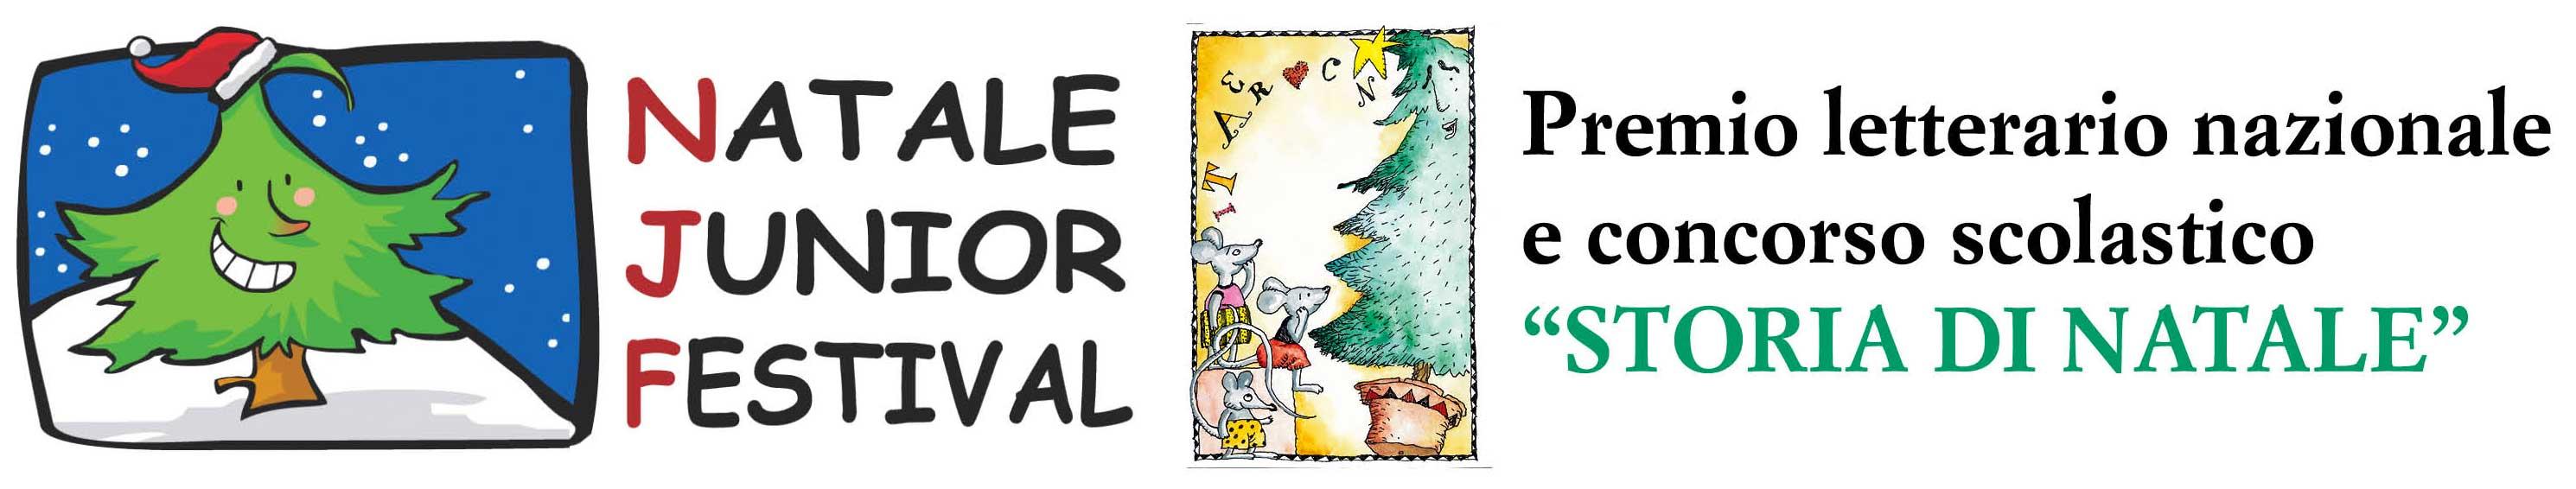 Festival Natale Junior e premio